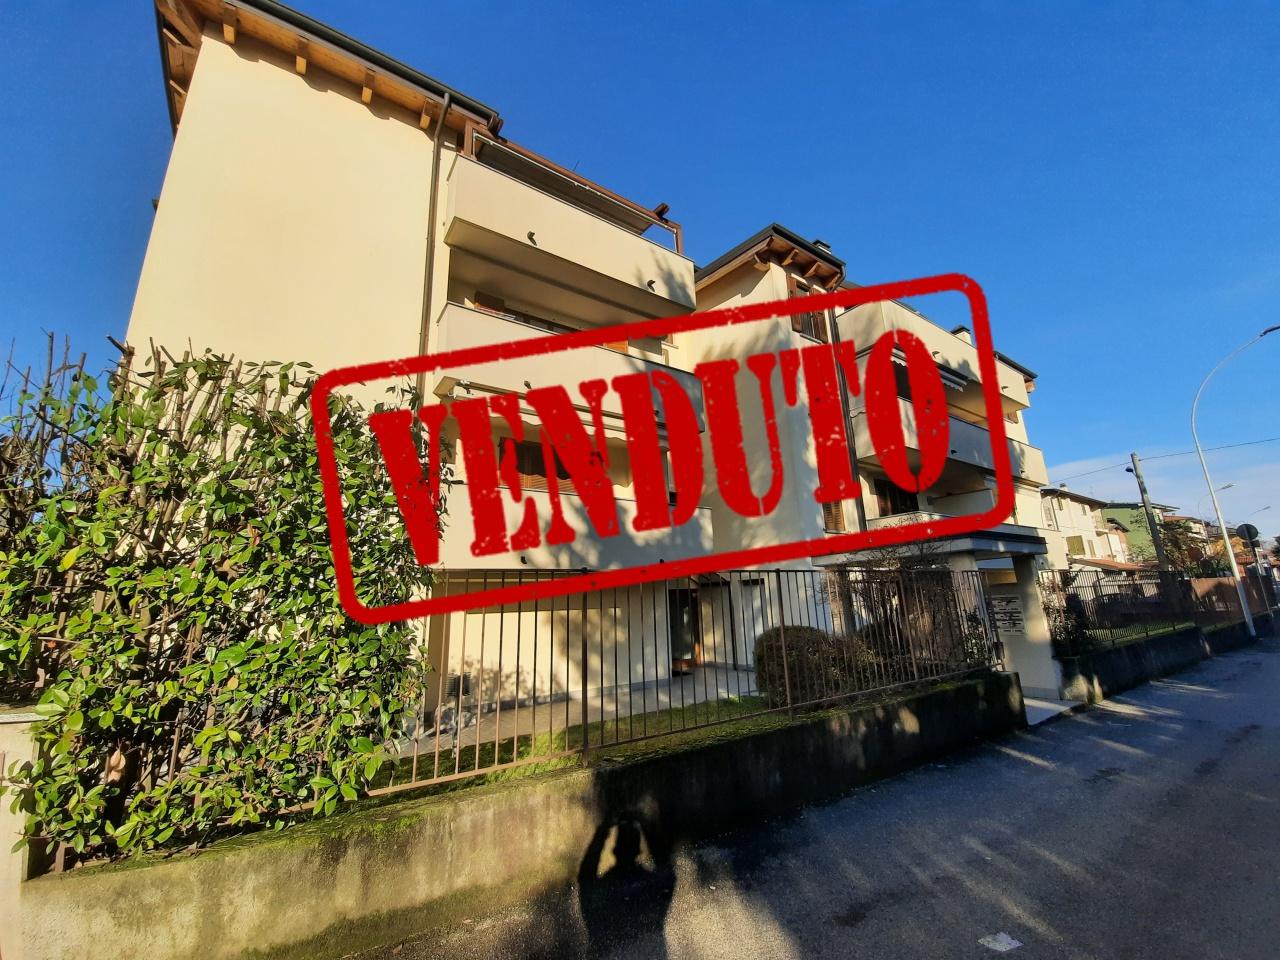 Appartamento in vendita a Pozzuolo Martesana, 2 locali, prezzo € 137.000 | CambioCasa.it